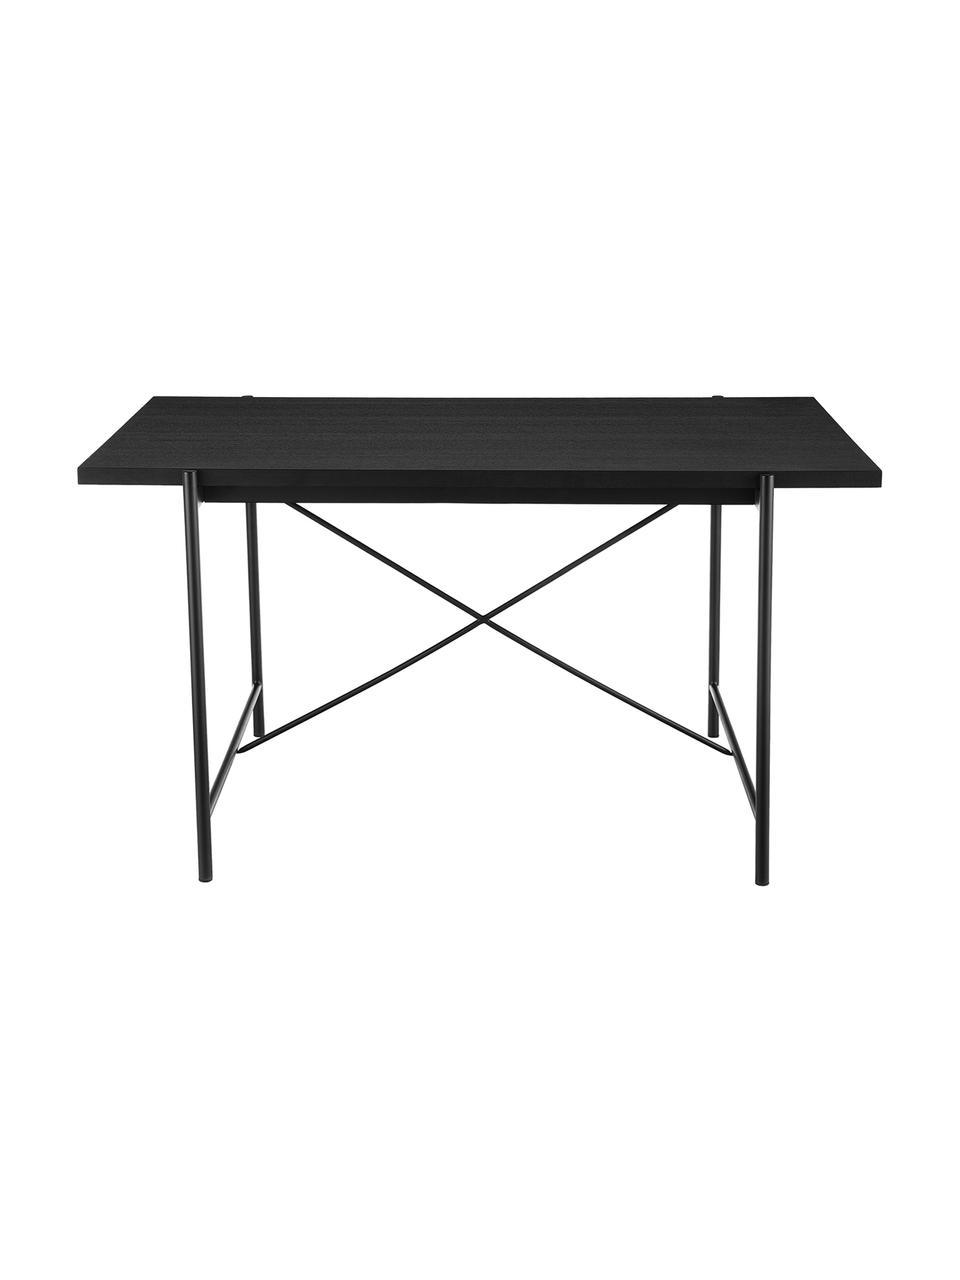 Eettafel Mica, Tafelblad: MDF met eikenhoutfineer, Frame: gepoedercoat metaal, Tafelblad: zwart gelakt eikenhoutfineer. Poten: mat zwart, B 180 x D 90 cm